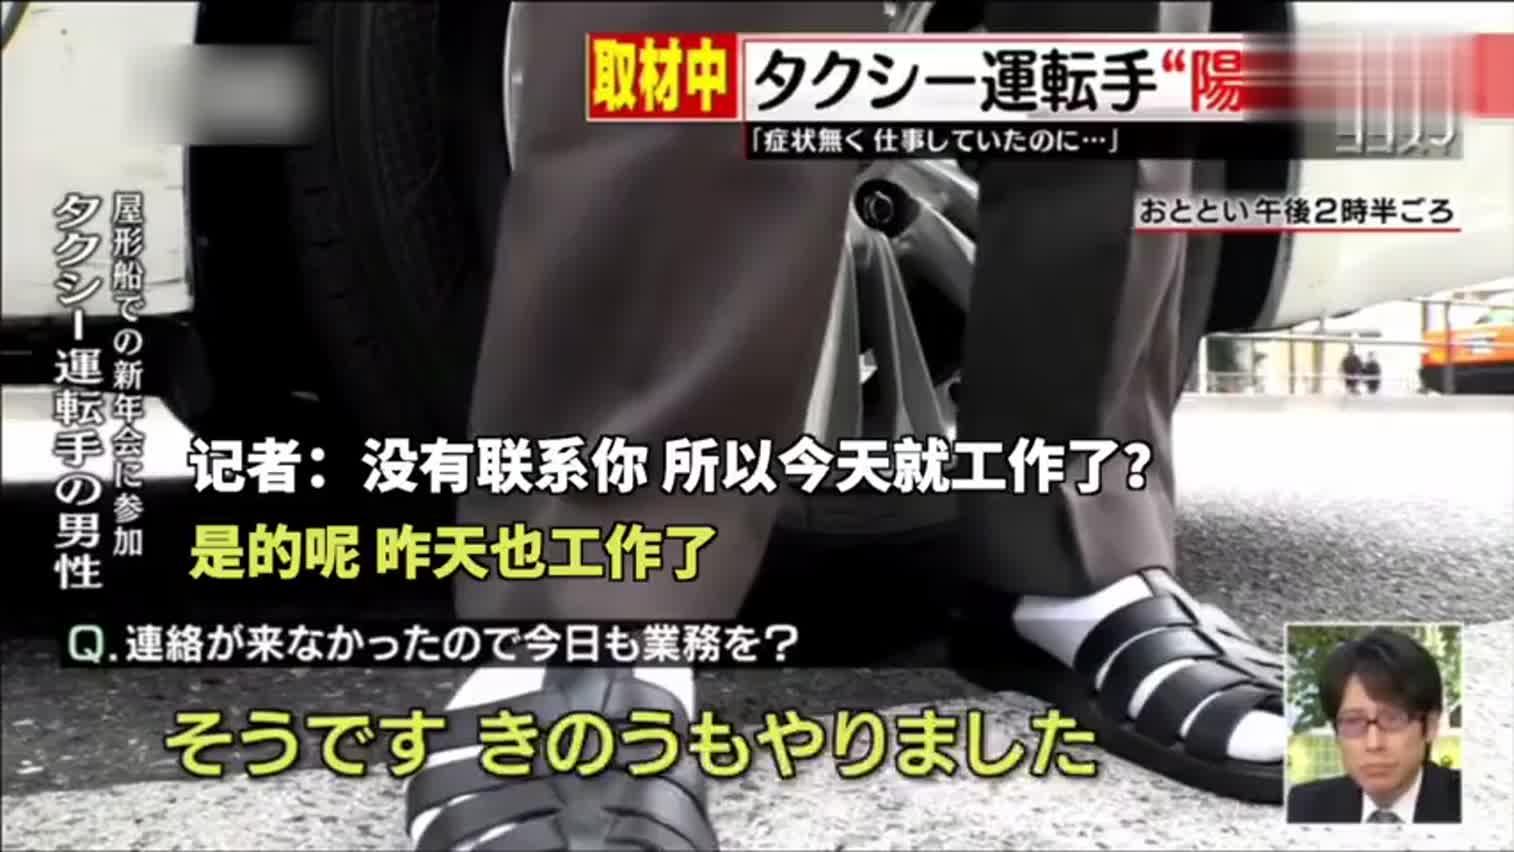 视频 日本出租车司机接受电视台采访 中途接到电话